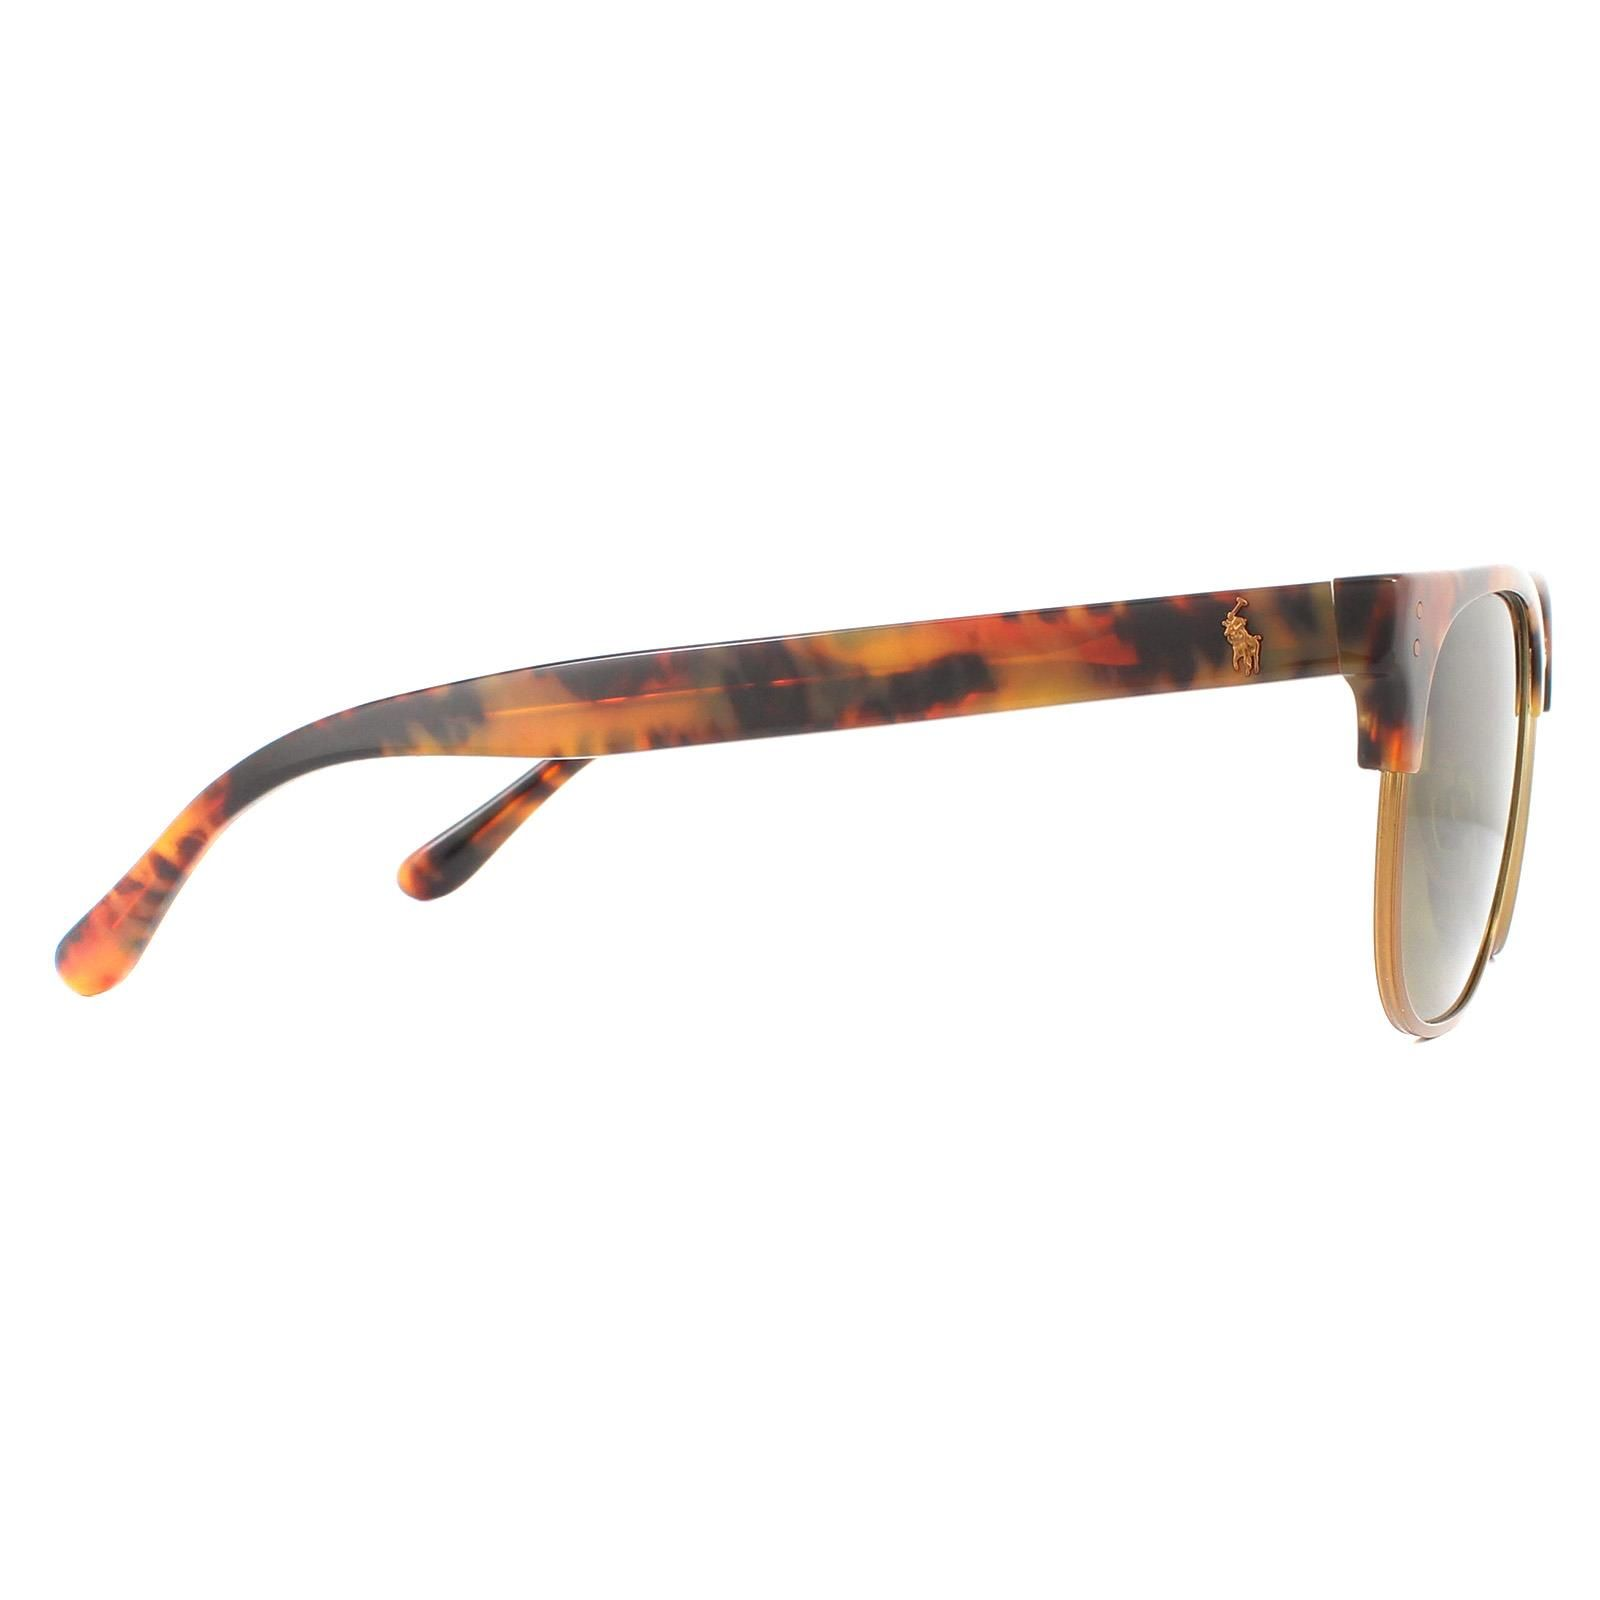 Polo Ralph Lauren Sunglasses PH4152 501773 Black Gold Bottle Green